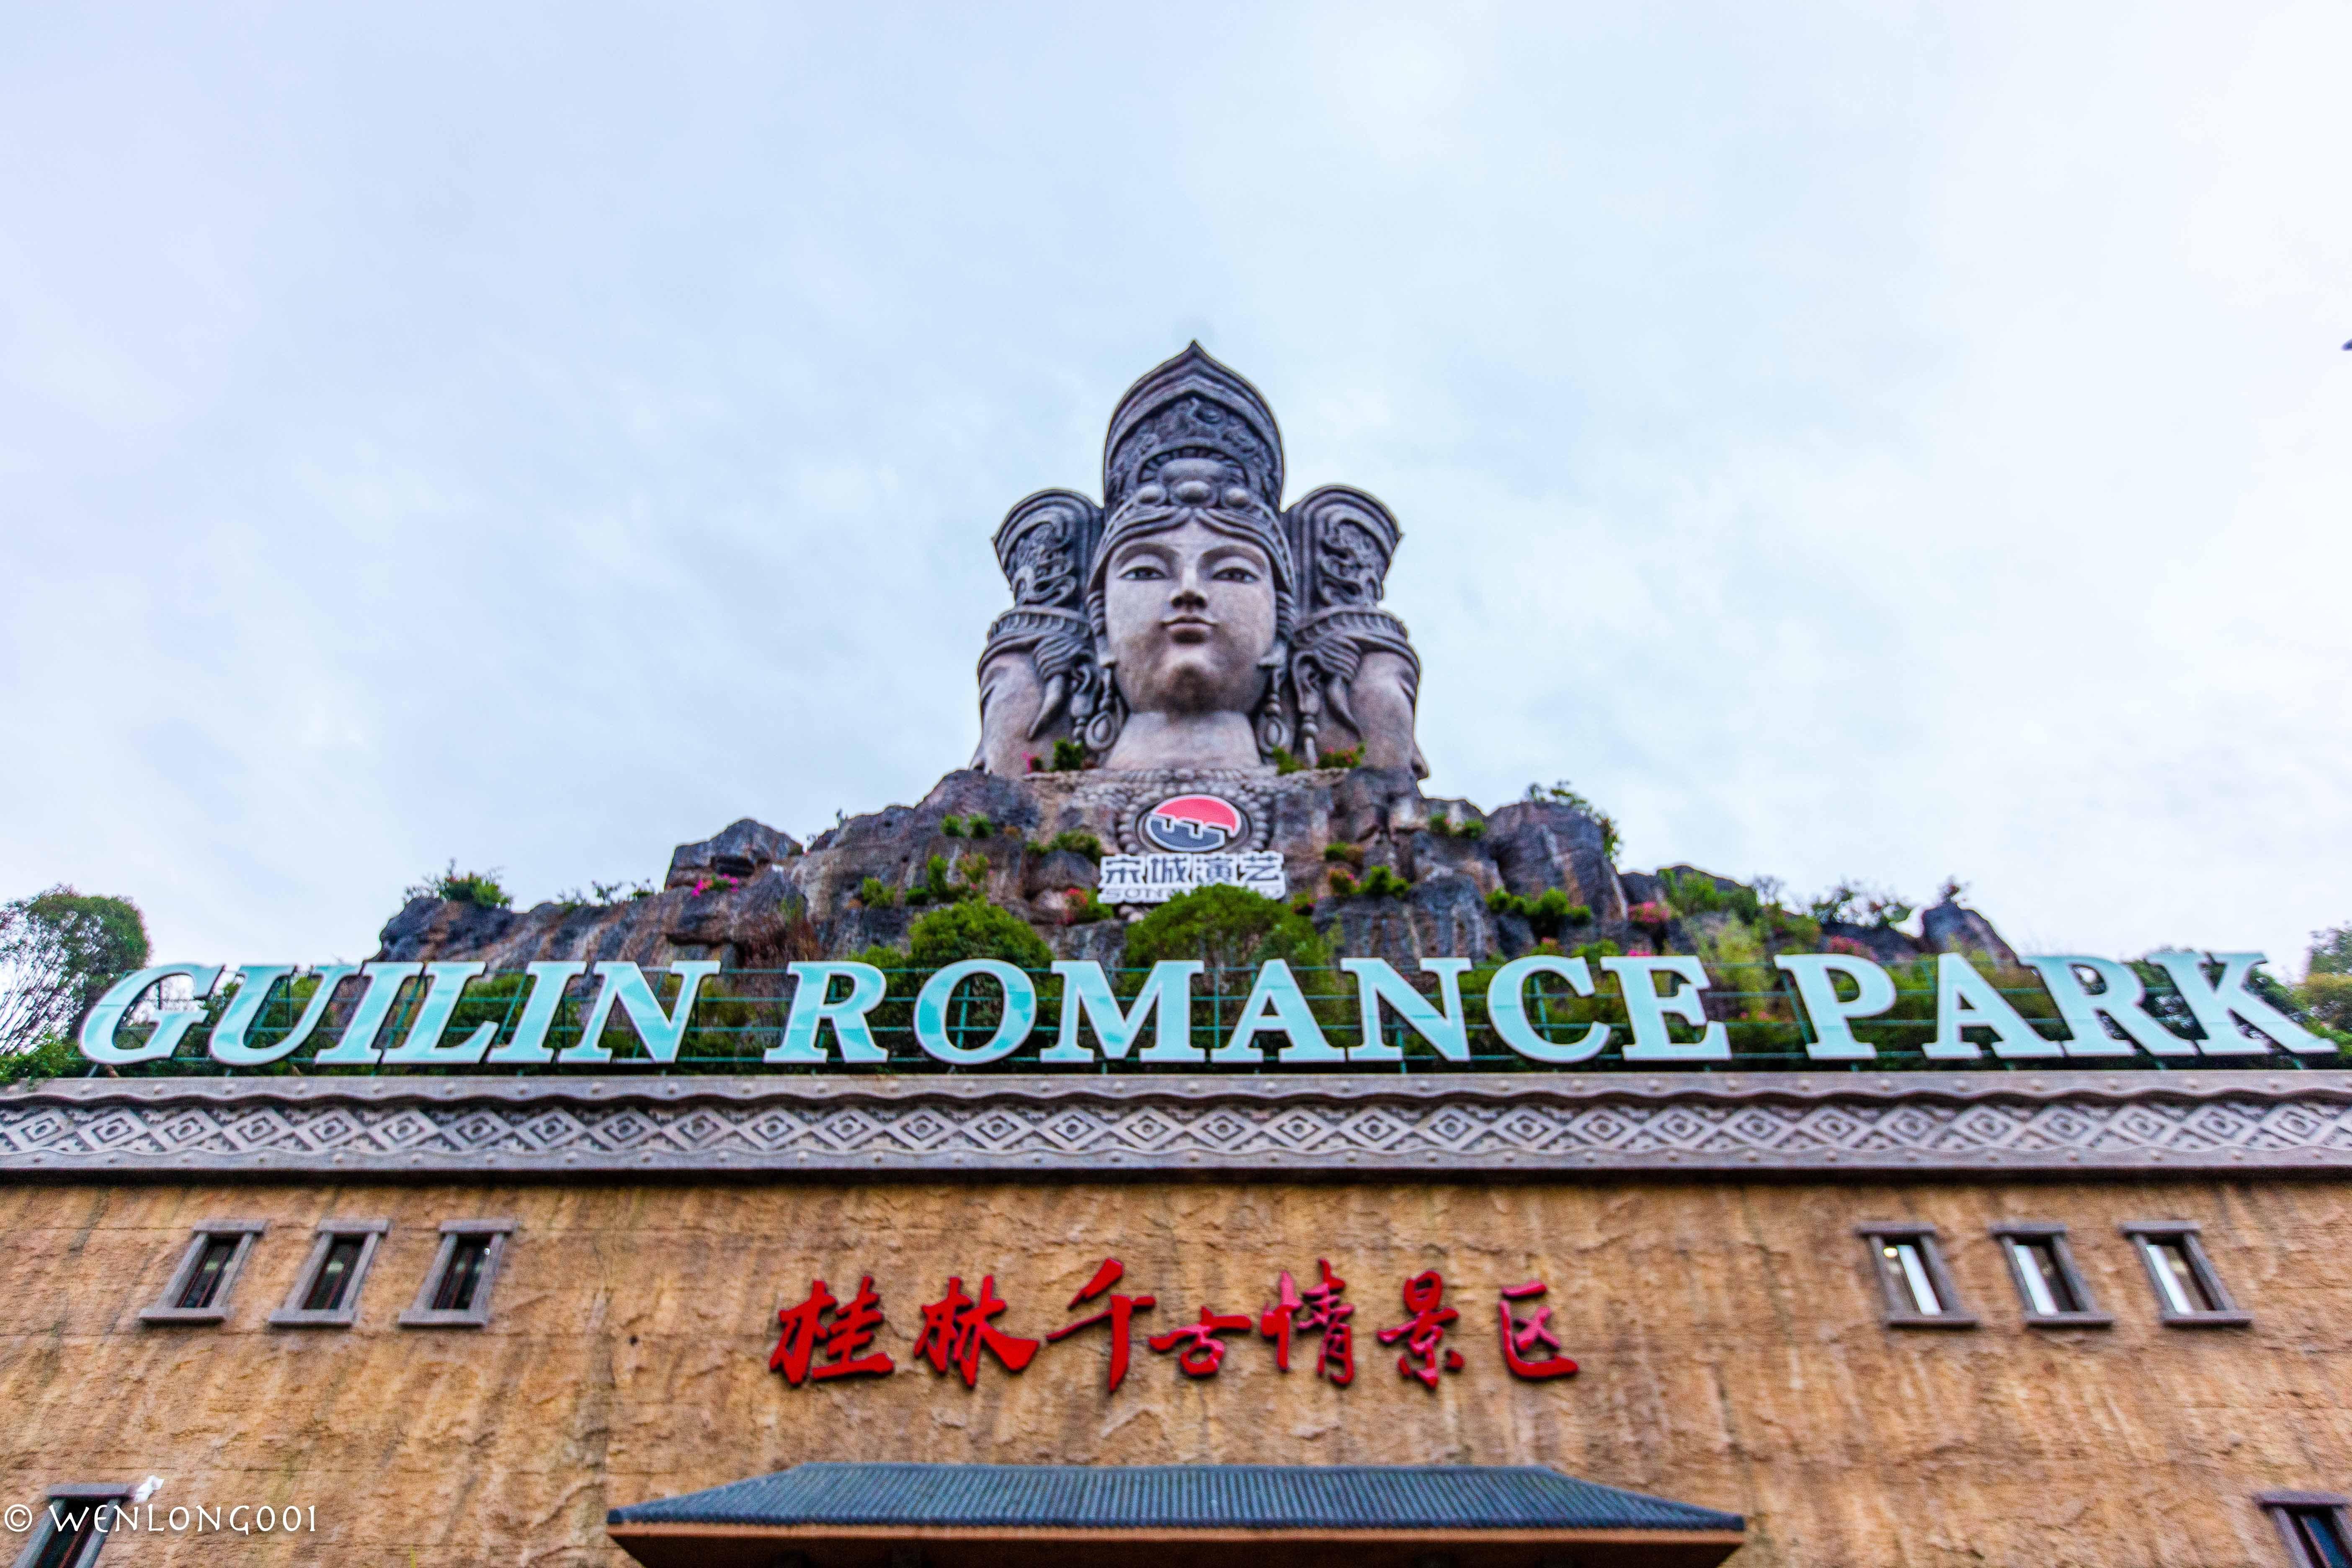 桂林千古情园区,再现了桂林的历史文化与民族风情